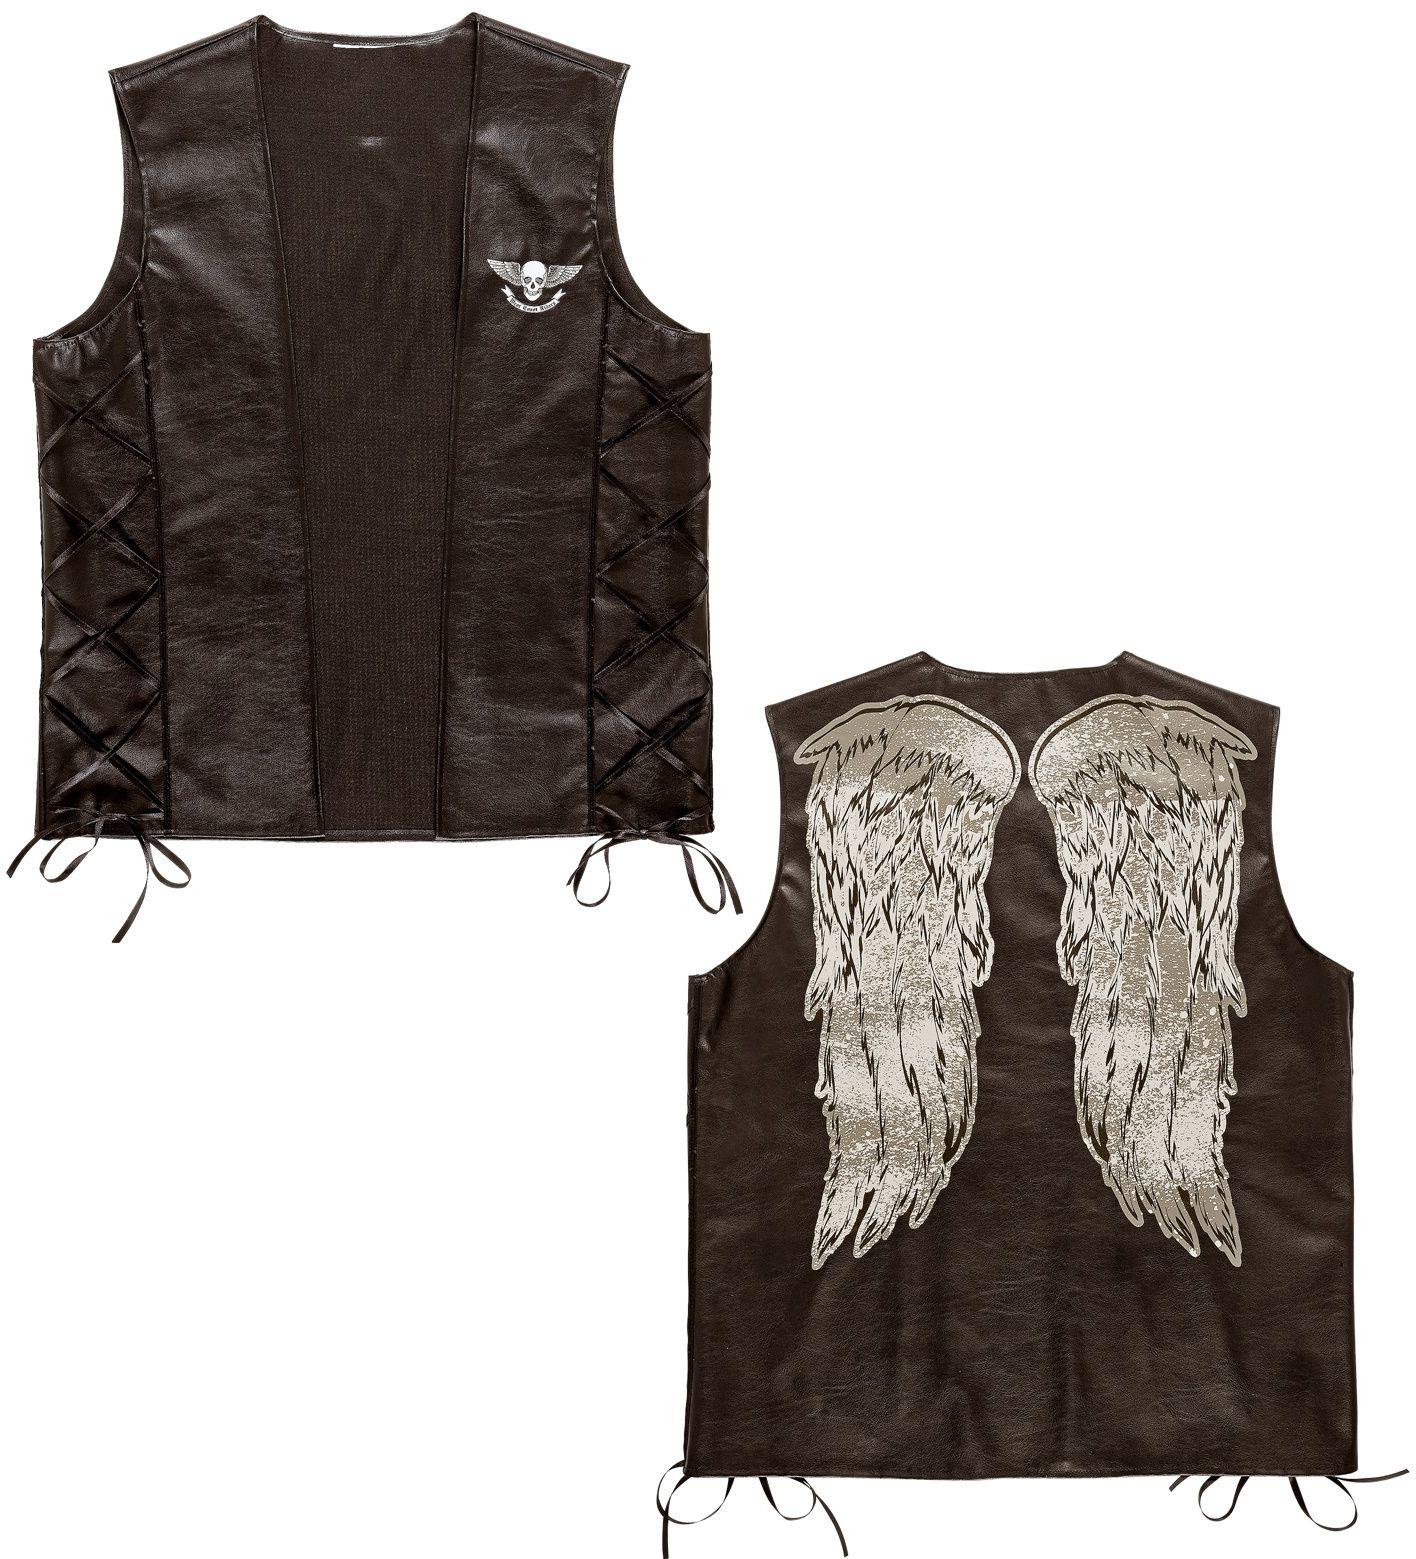 Daryl walking dead jack